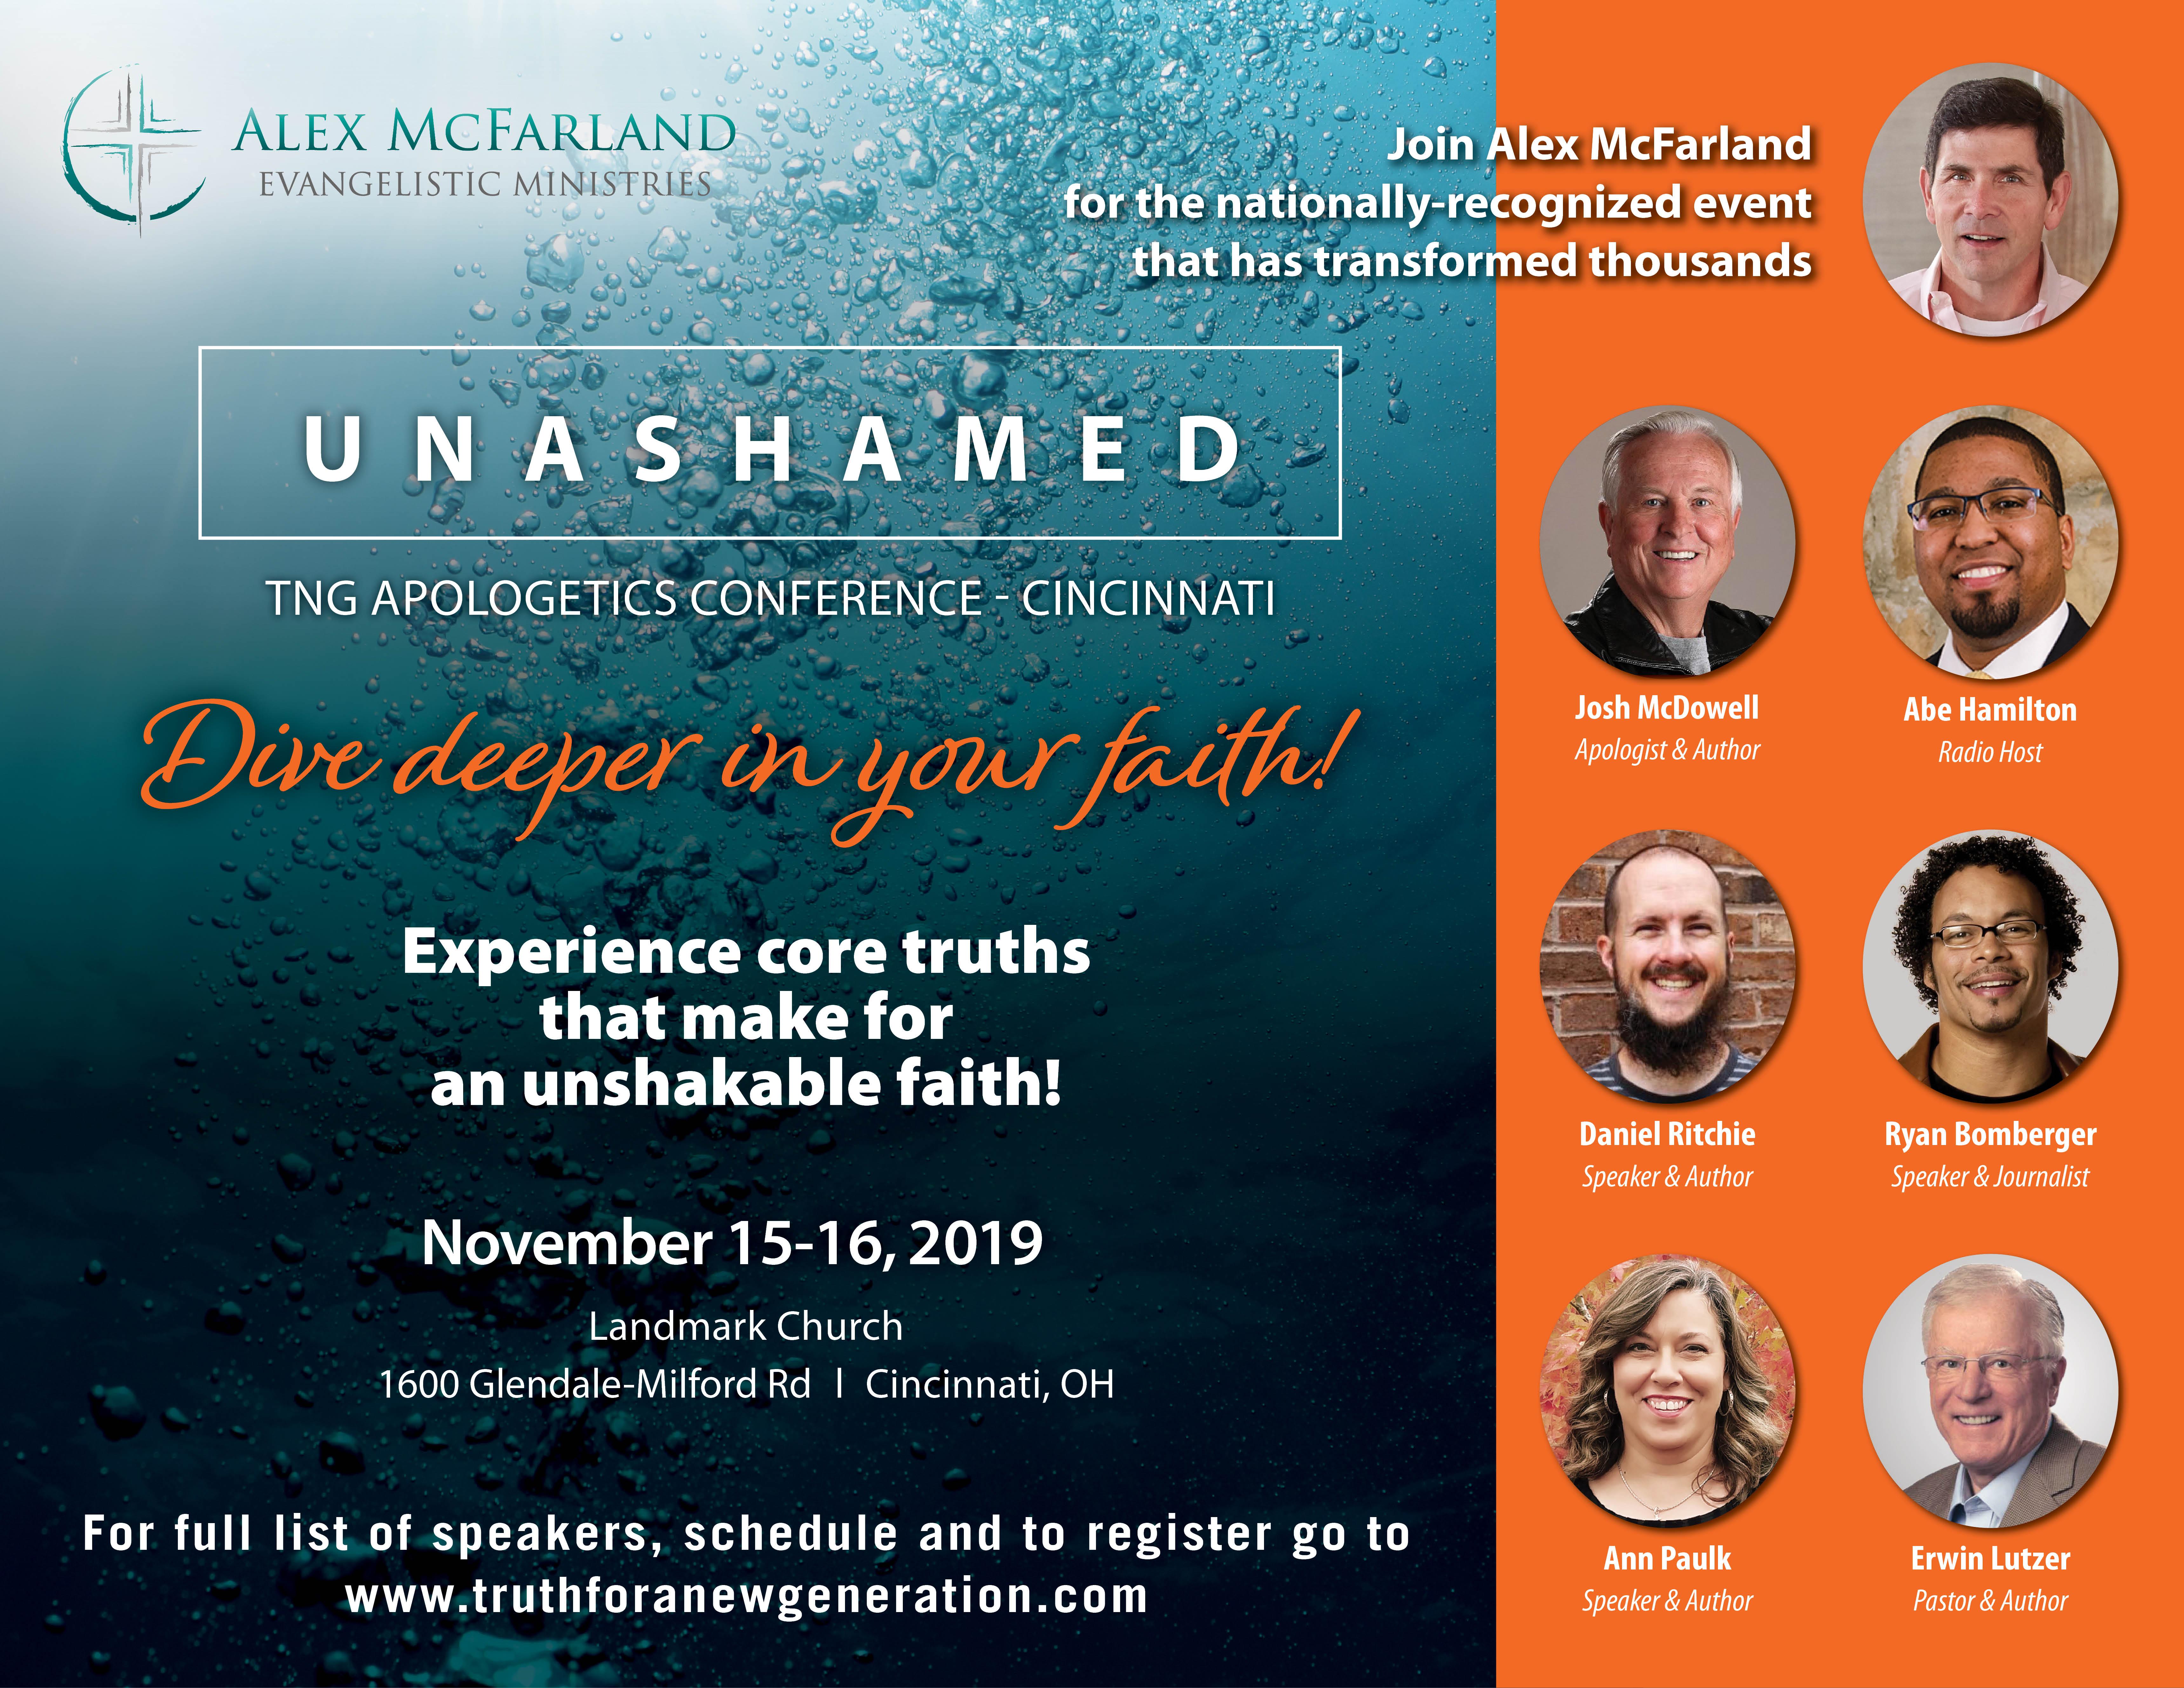 Unashamed 2019